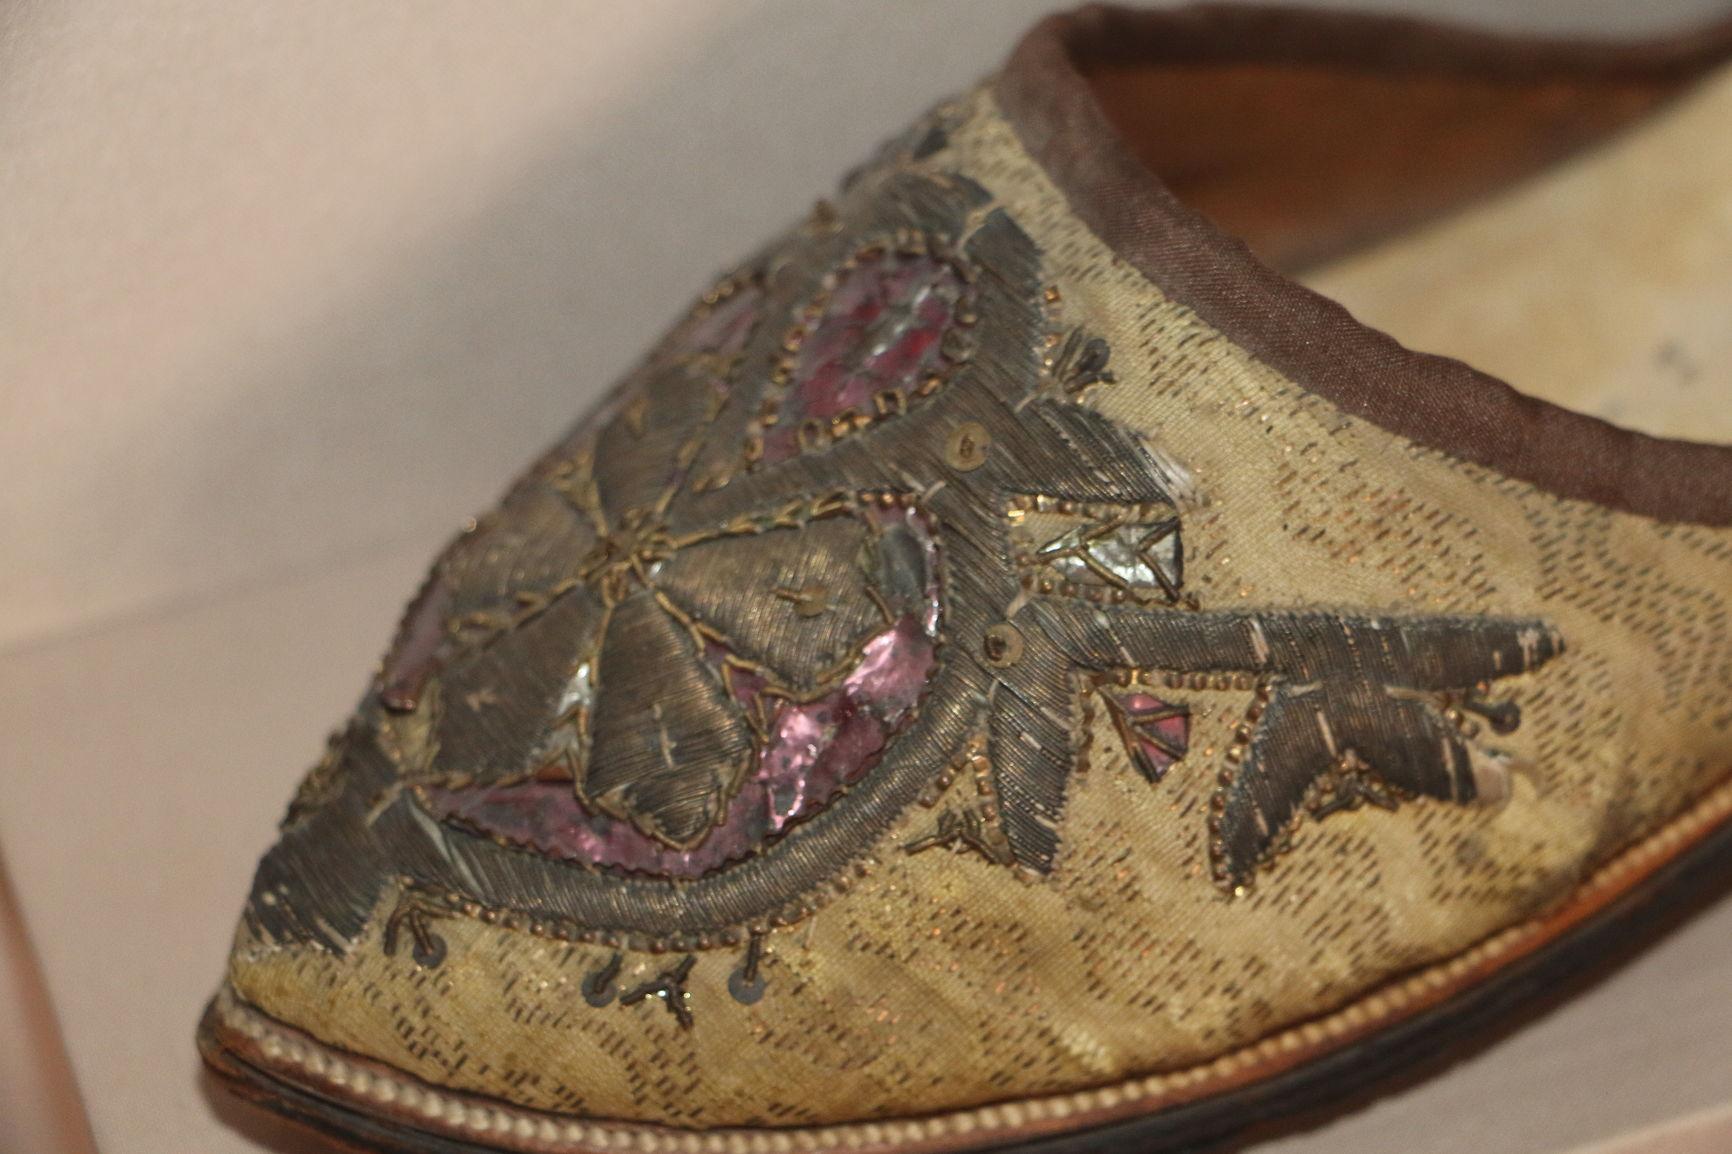 Золотная вышивка «в прикреп» на мыске туфли